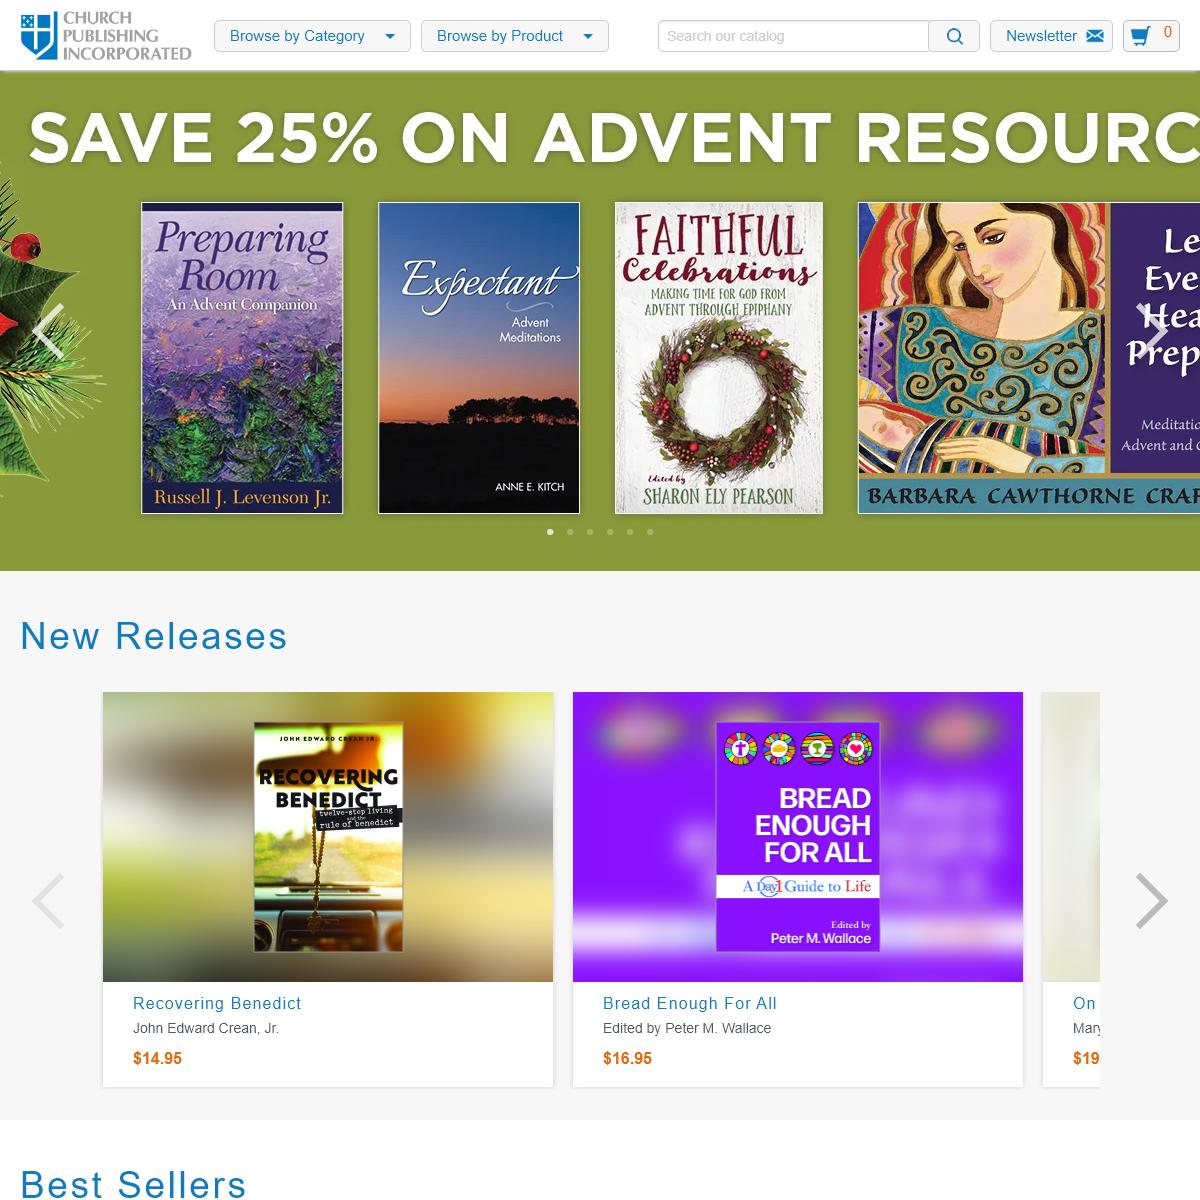 ChurchPublishing.org- Welcome to Church Publishing